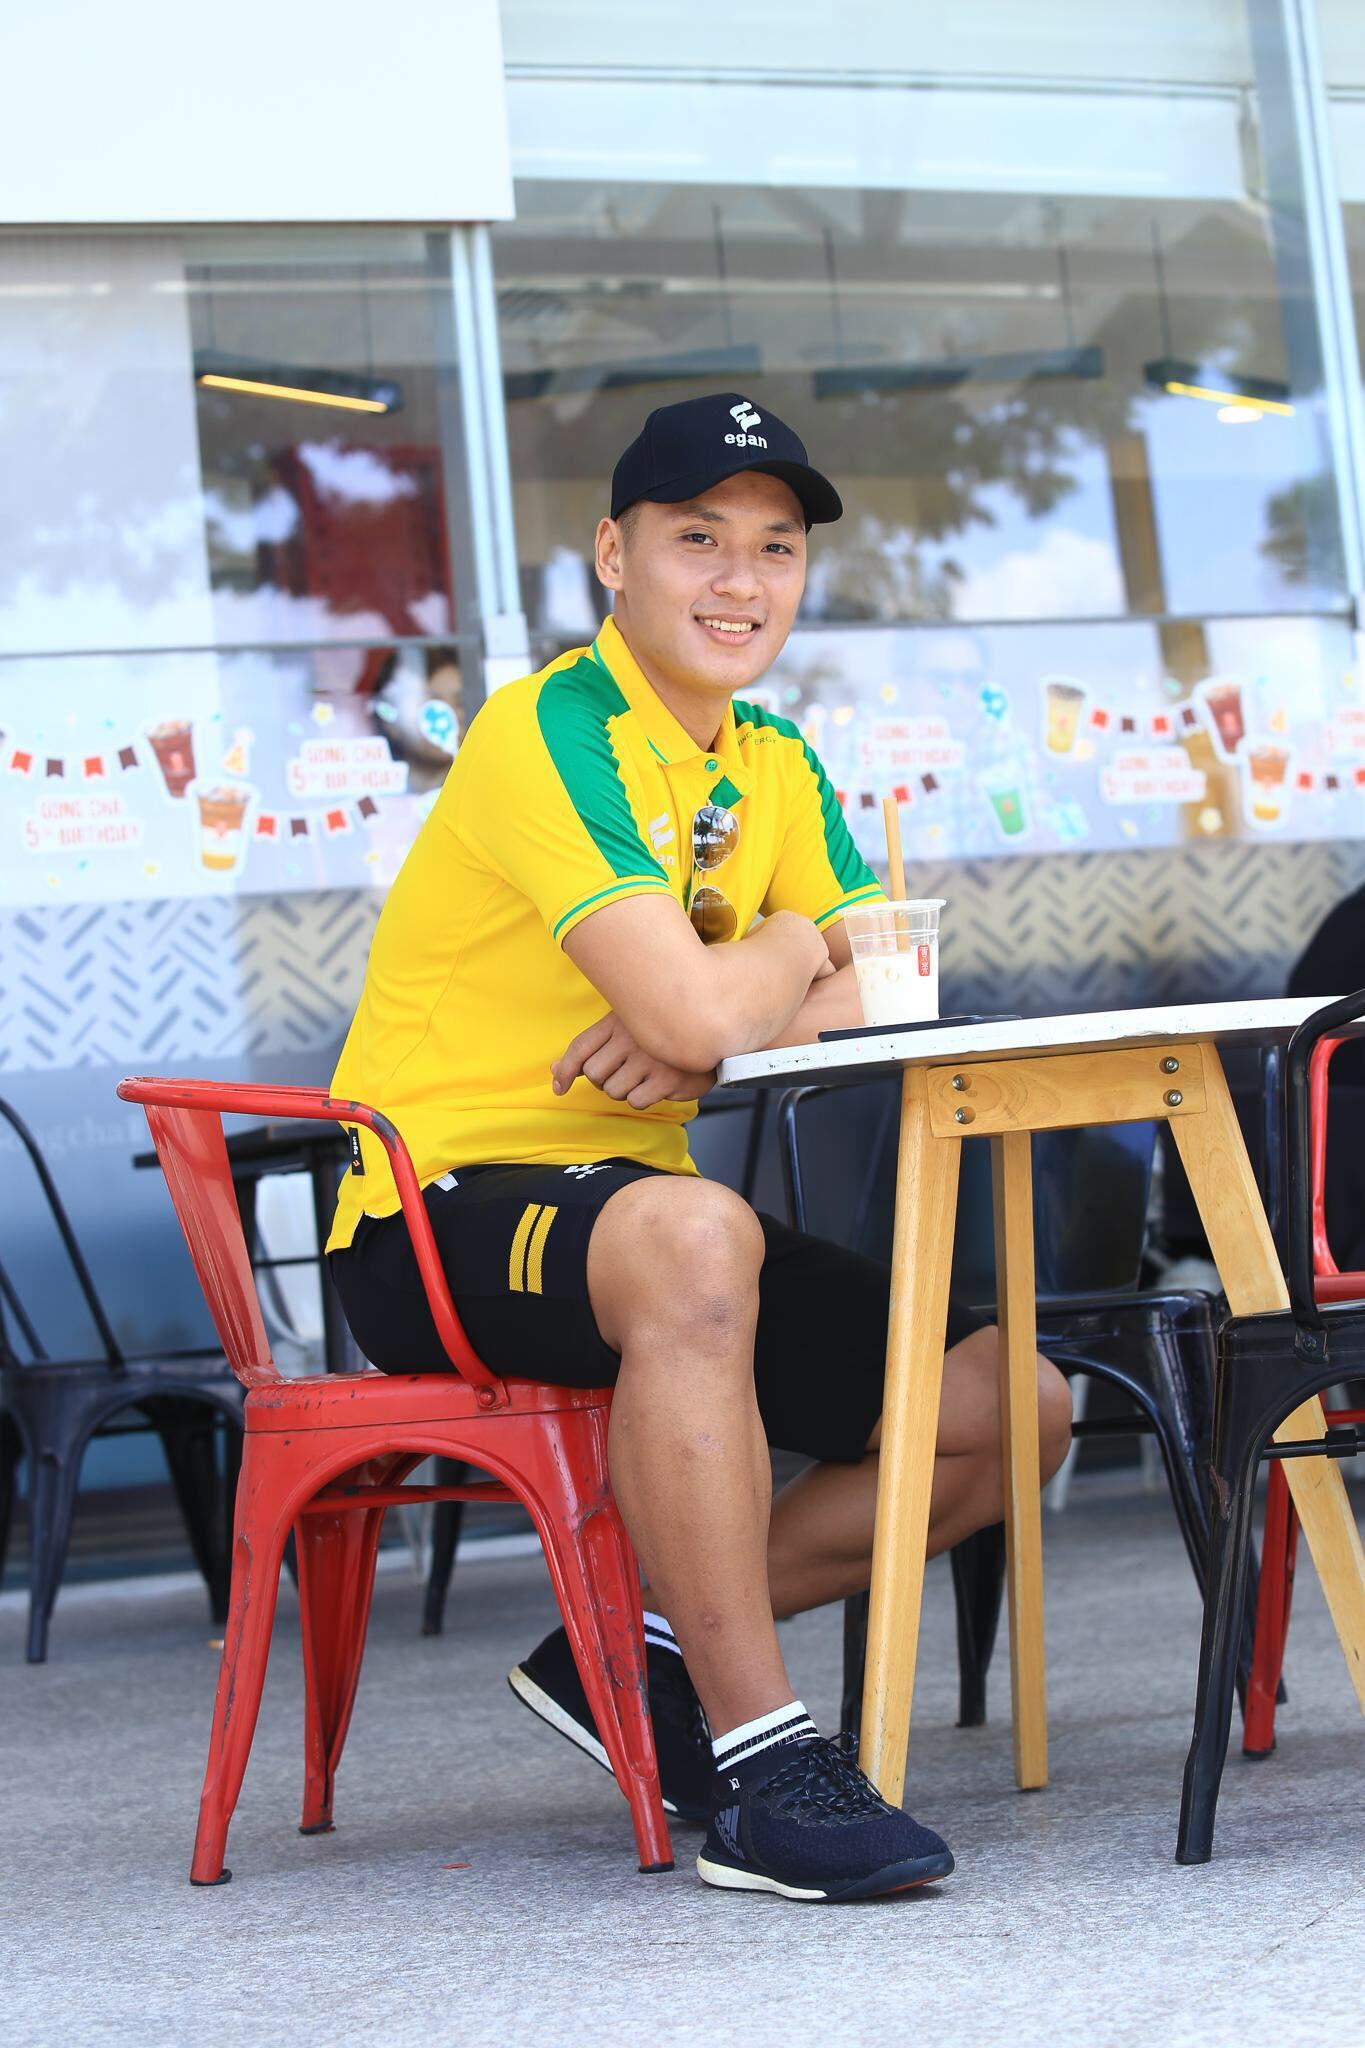 Ngắm loạt ảnh thời học sinh cắp sách đến trường của 2 người hùng futsal Việt Nam - Ảnh 6.